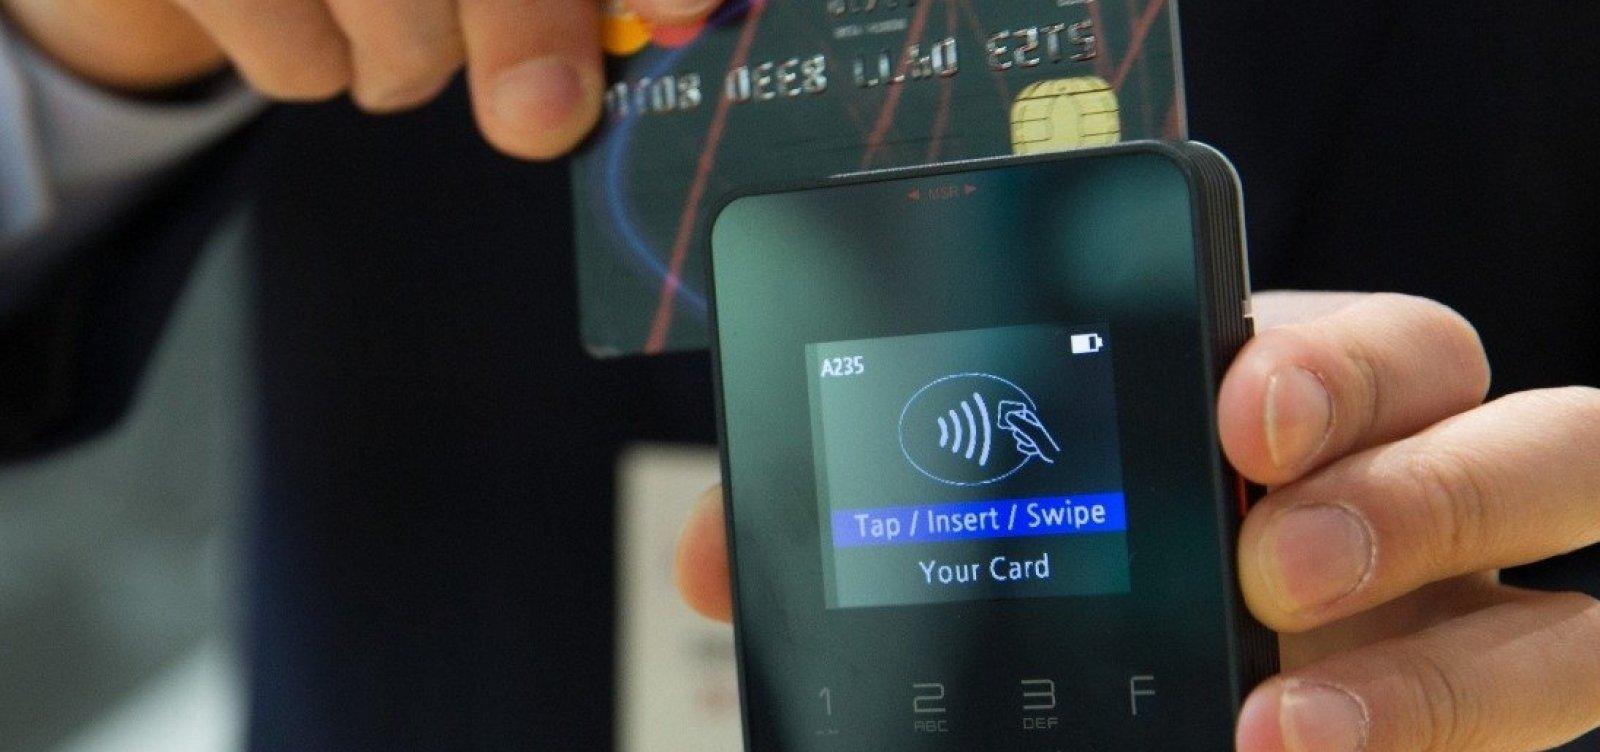 [Governo disponibiliza R$ 10 bi em crédito a micro e pequenas empresas via maquininha de cartão]